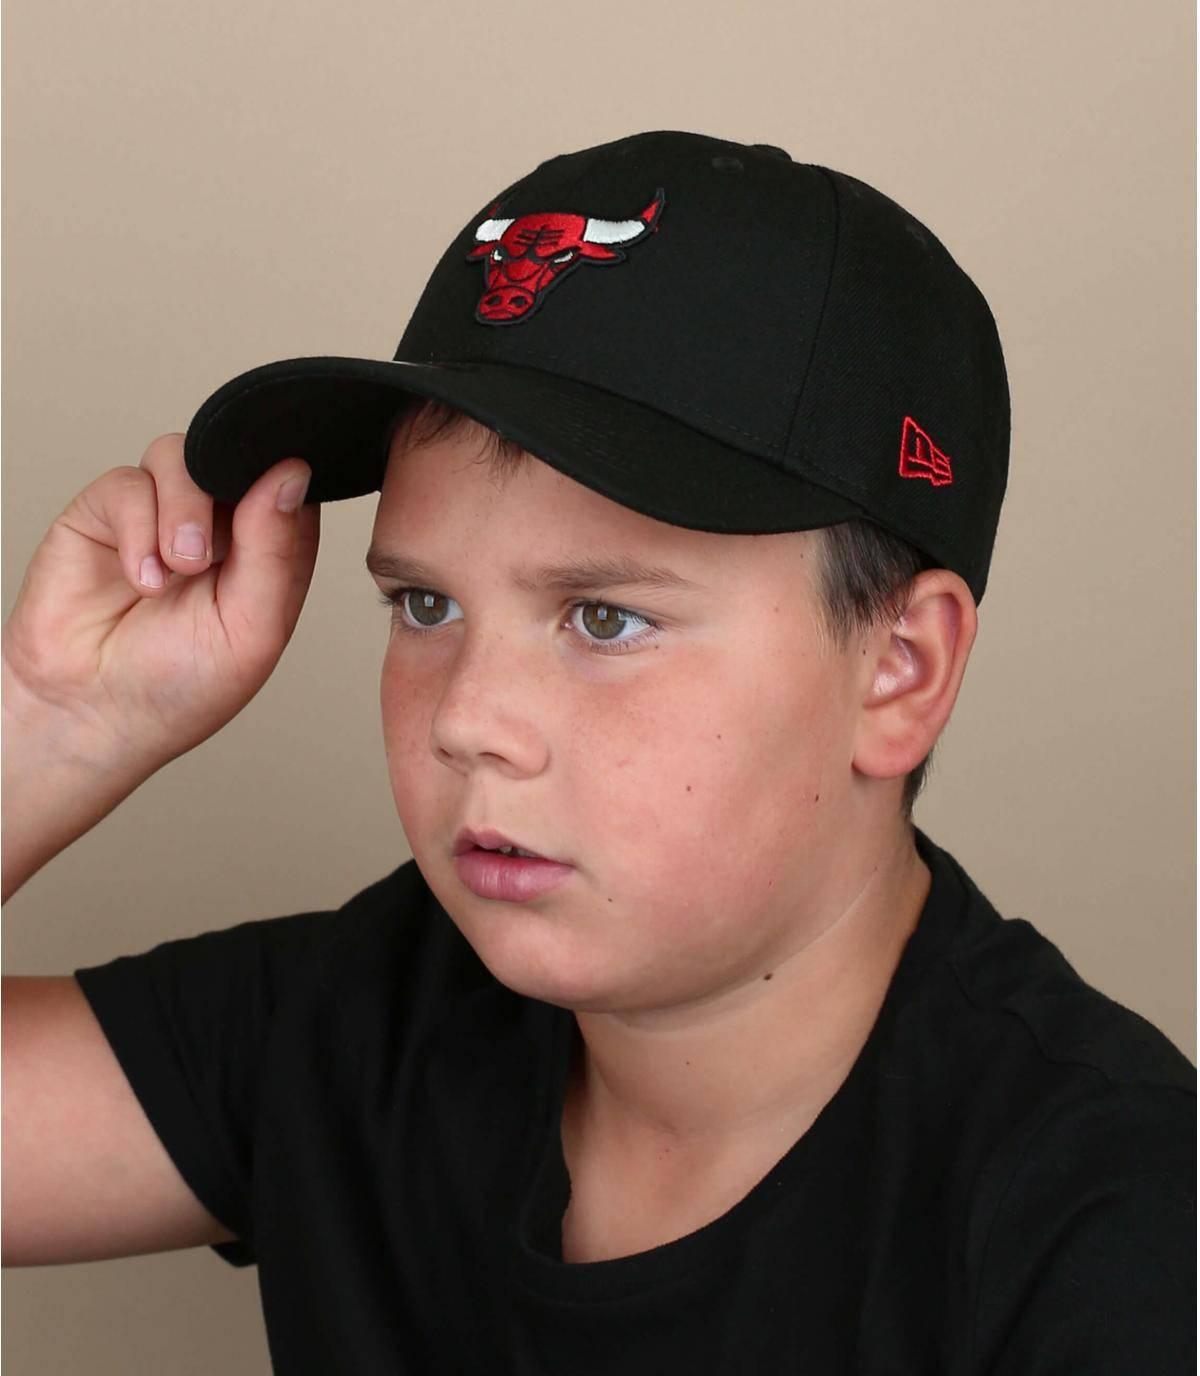 Bulls kid cap